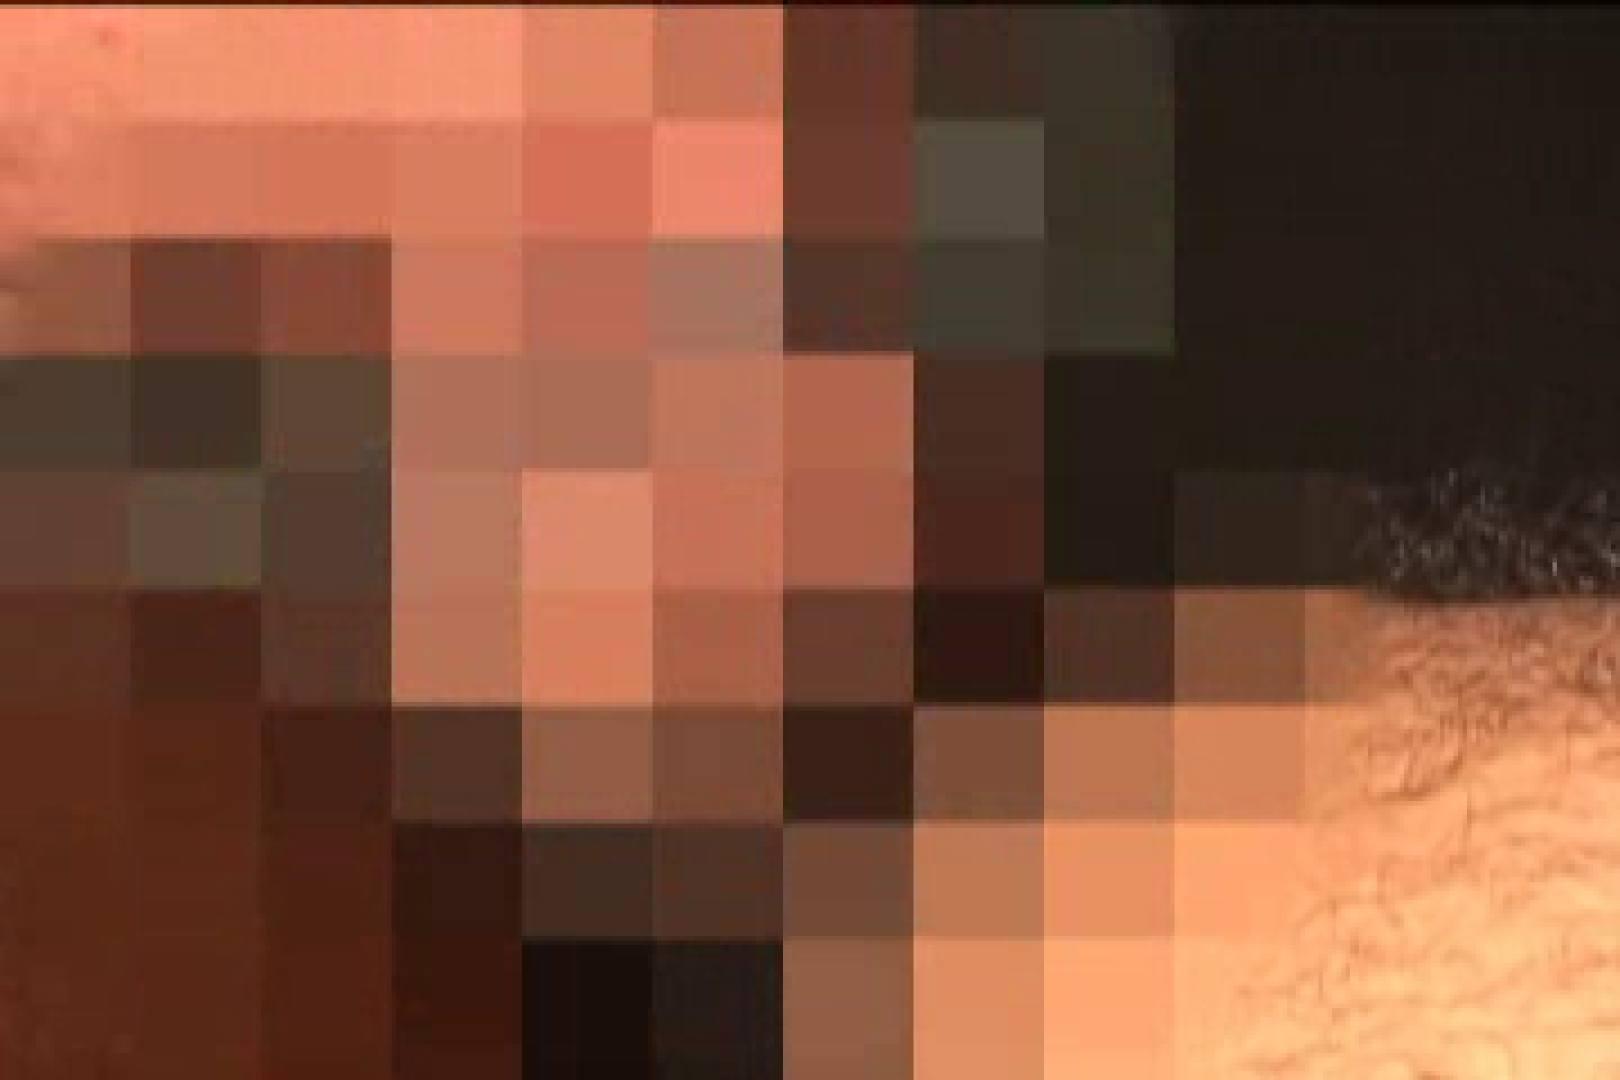 悶絶!!ケツマンFighters!! Part.04 フェラ天国 | 仰天アナル ゲイ素人エロ画像 79pic 66